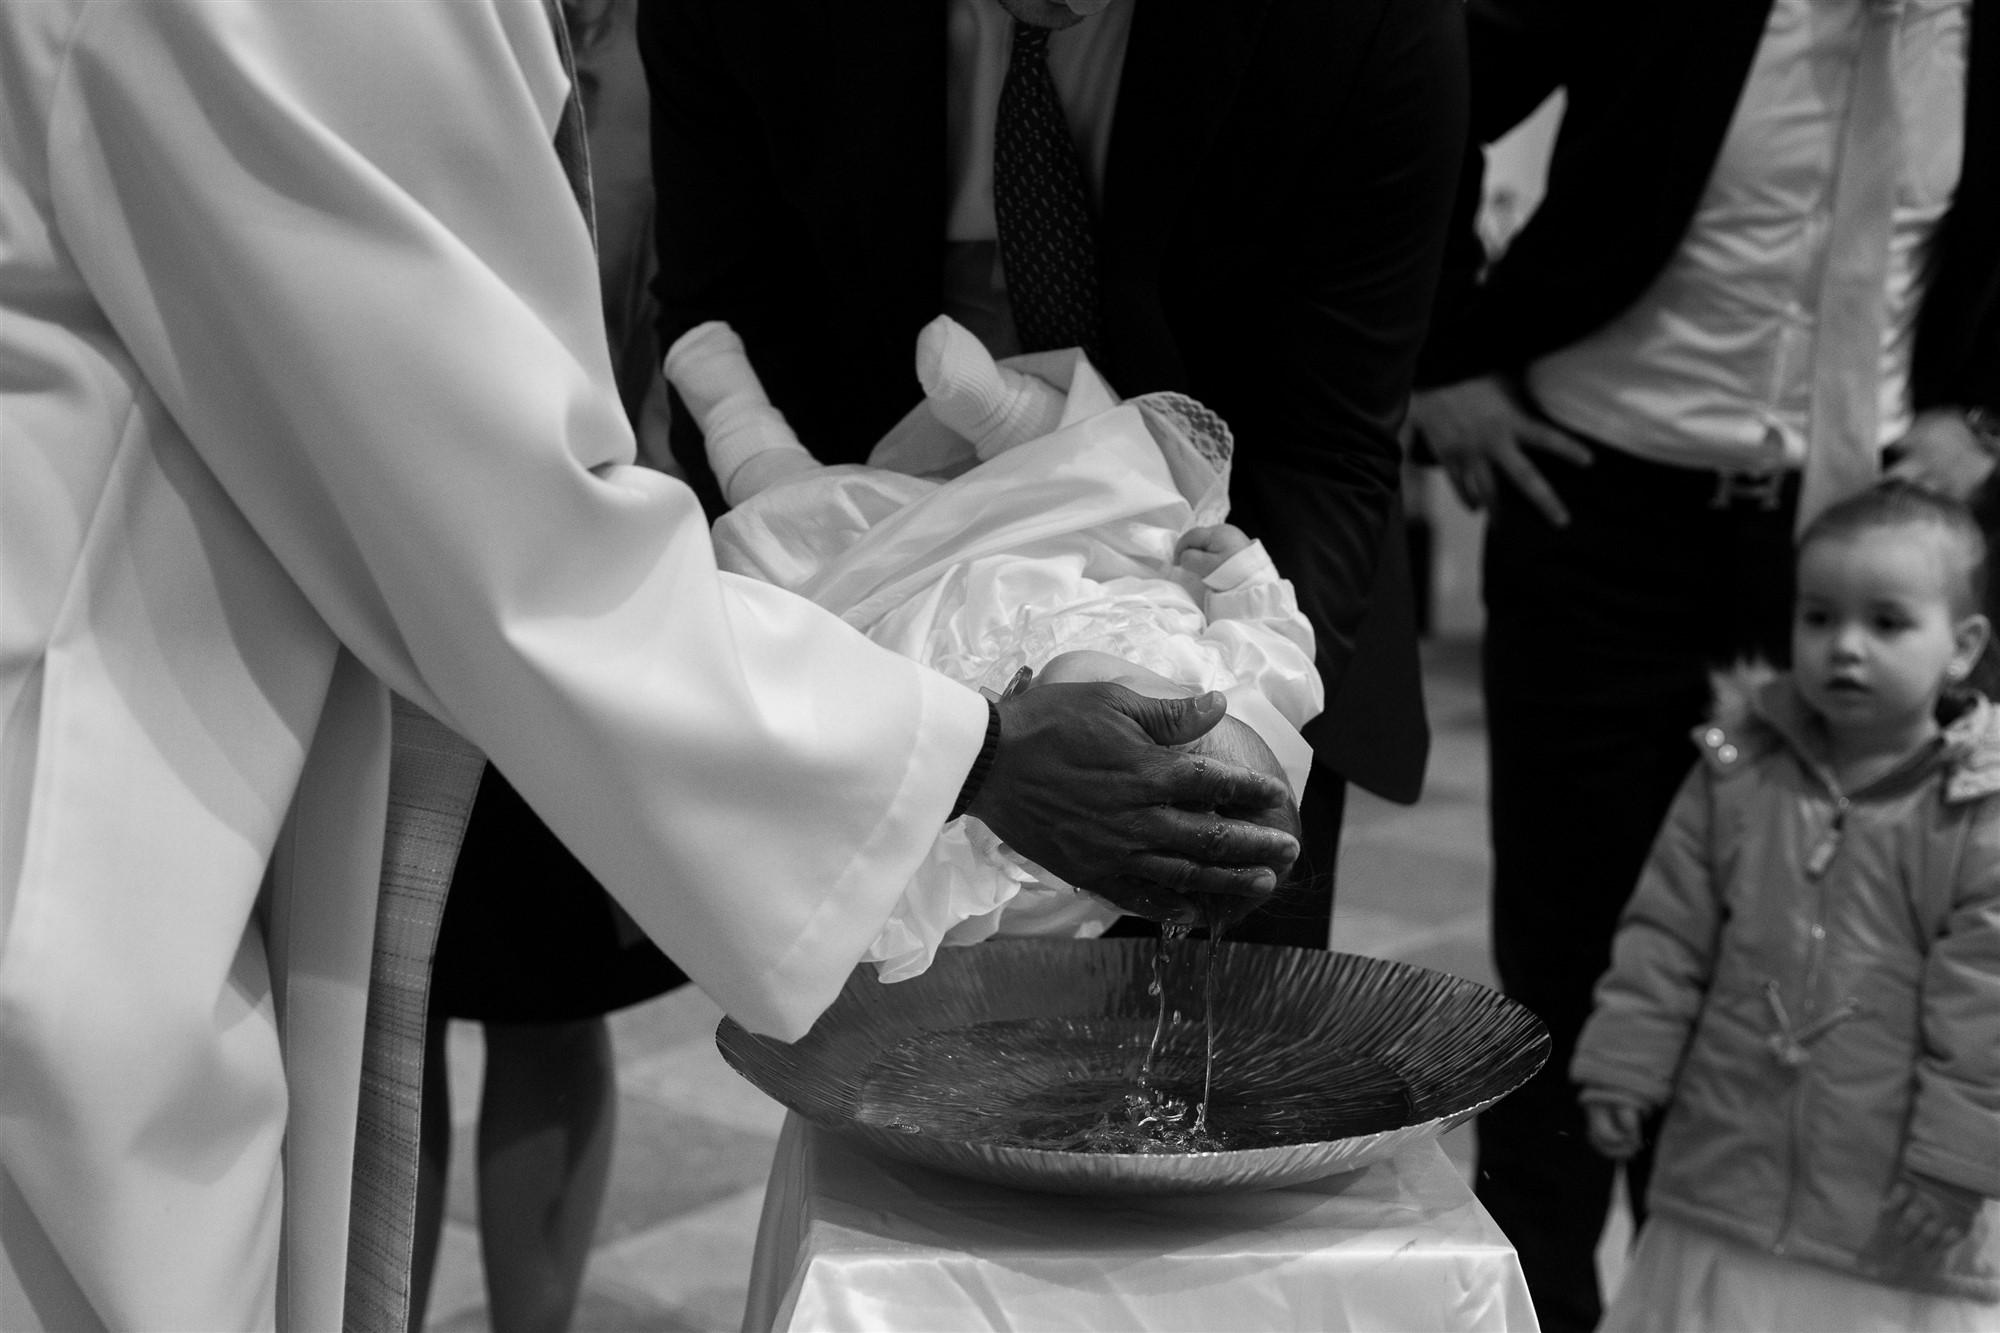 Das Baby wird getauft